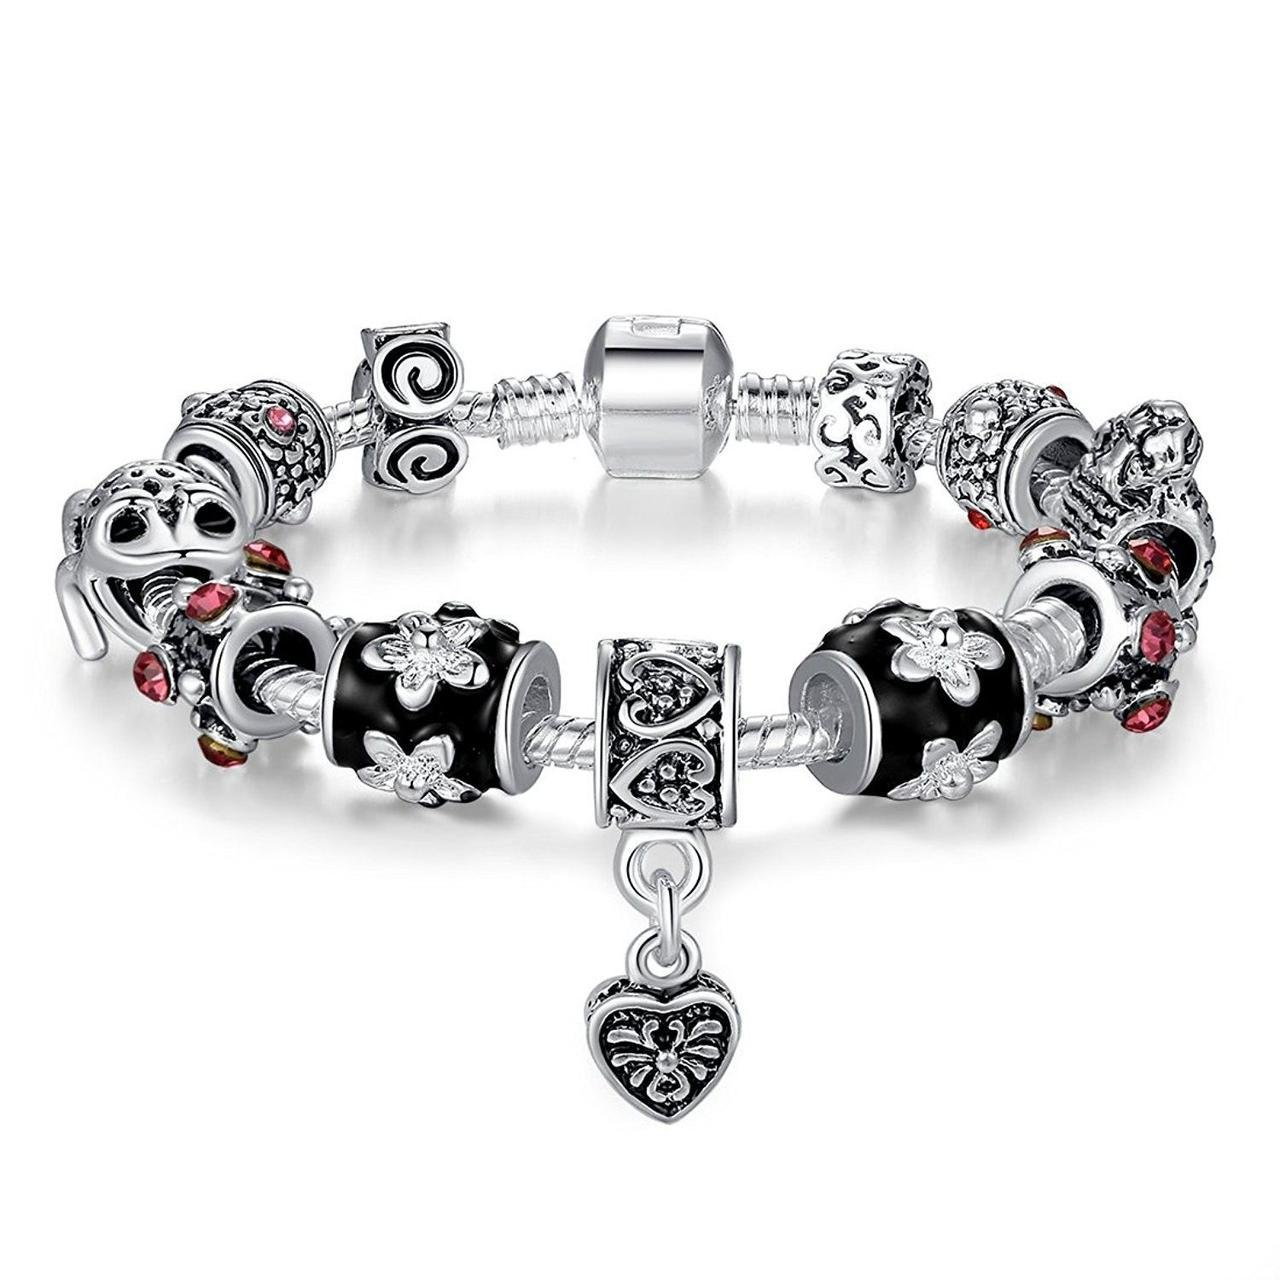 Браслет с шармами Pandora Style (стиль Пандора)